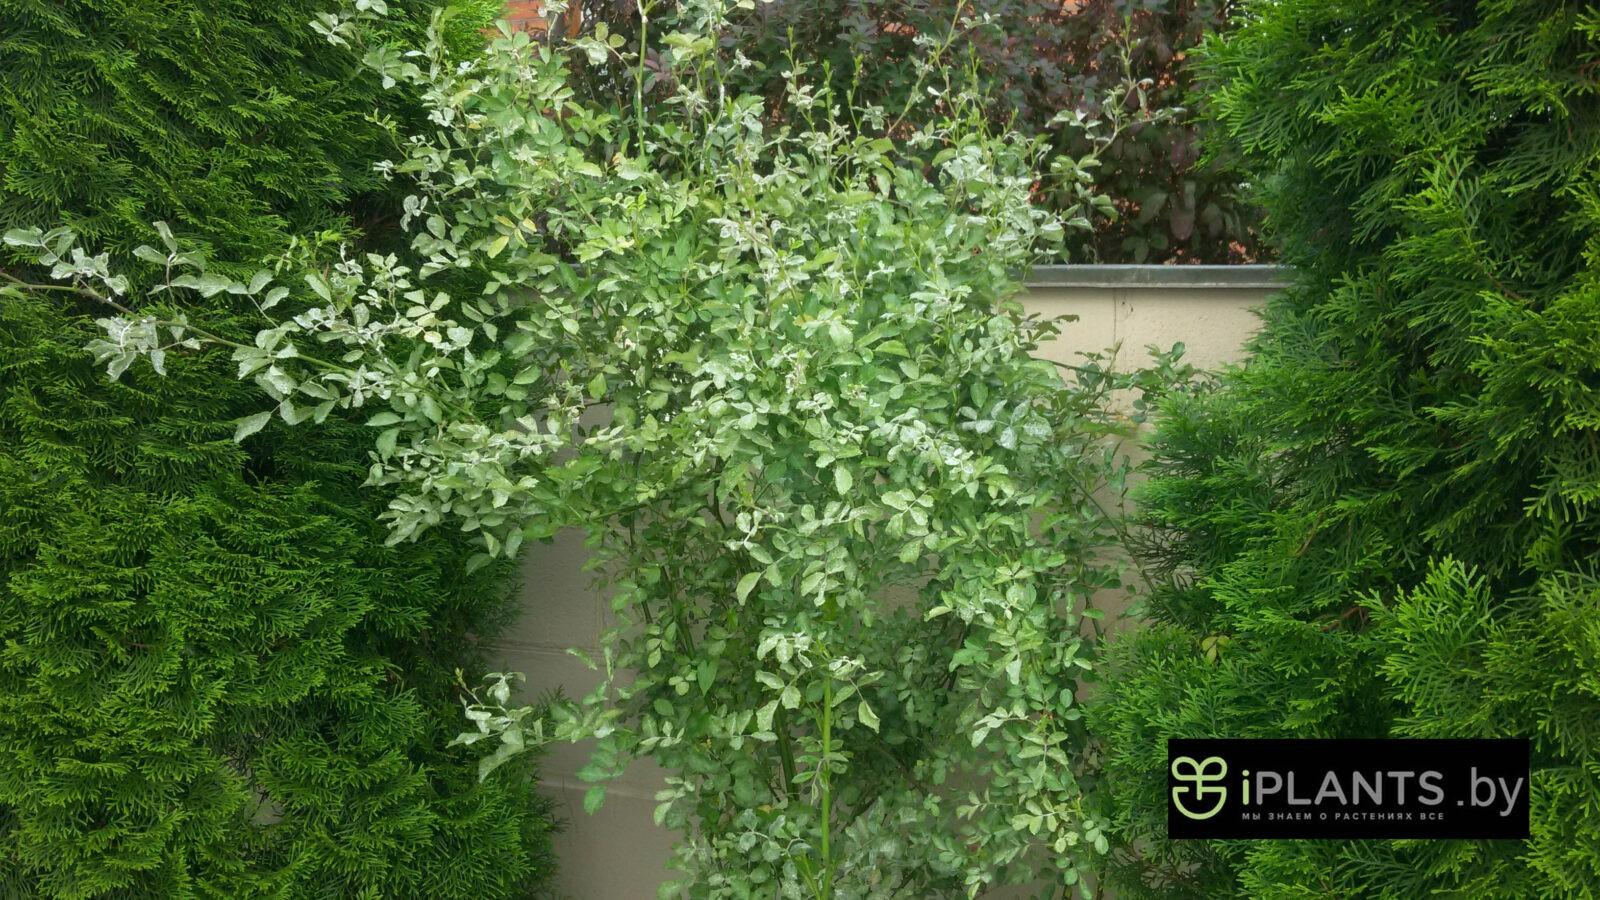 Как избавиться от мучнистой росы на флоксах Что делать с белым налетом на листьях Чем обработать и какие меры борьбы выбрать